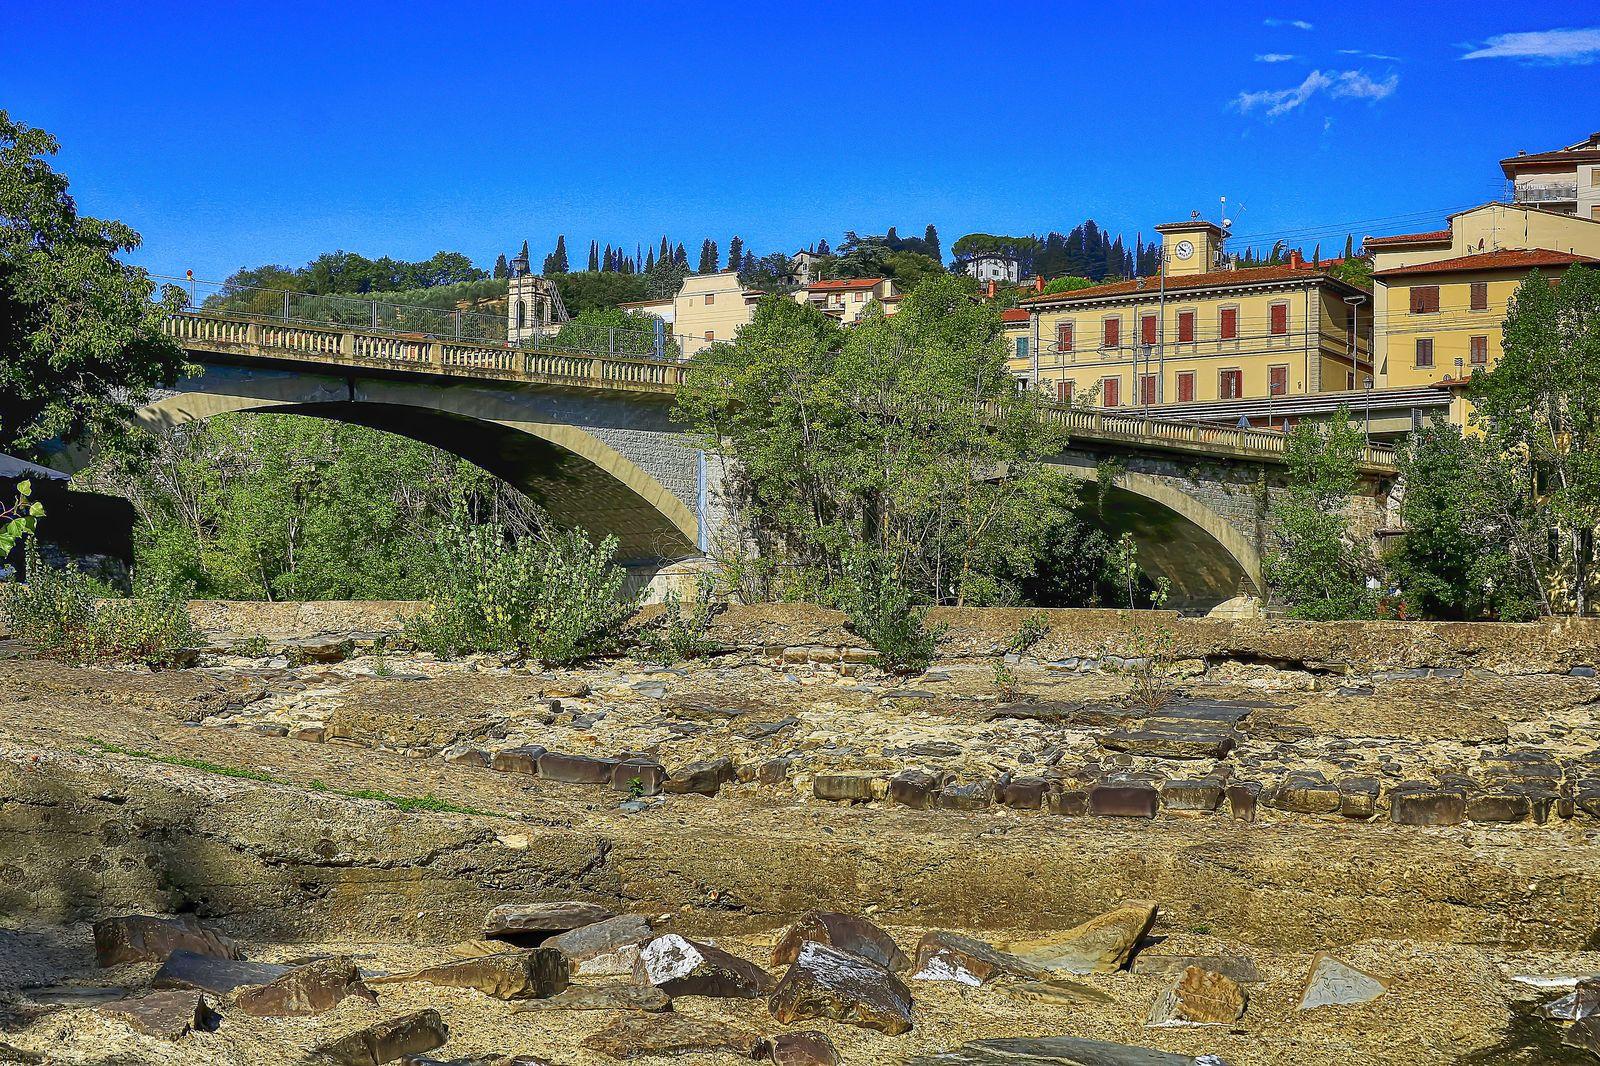 Rignano sull'Arno - A history-rich territory